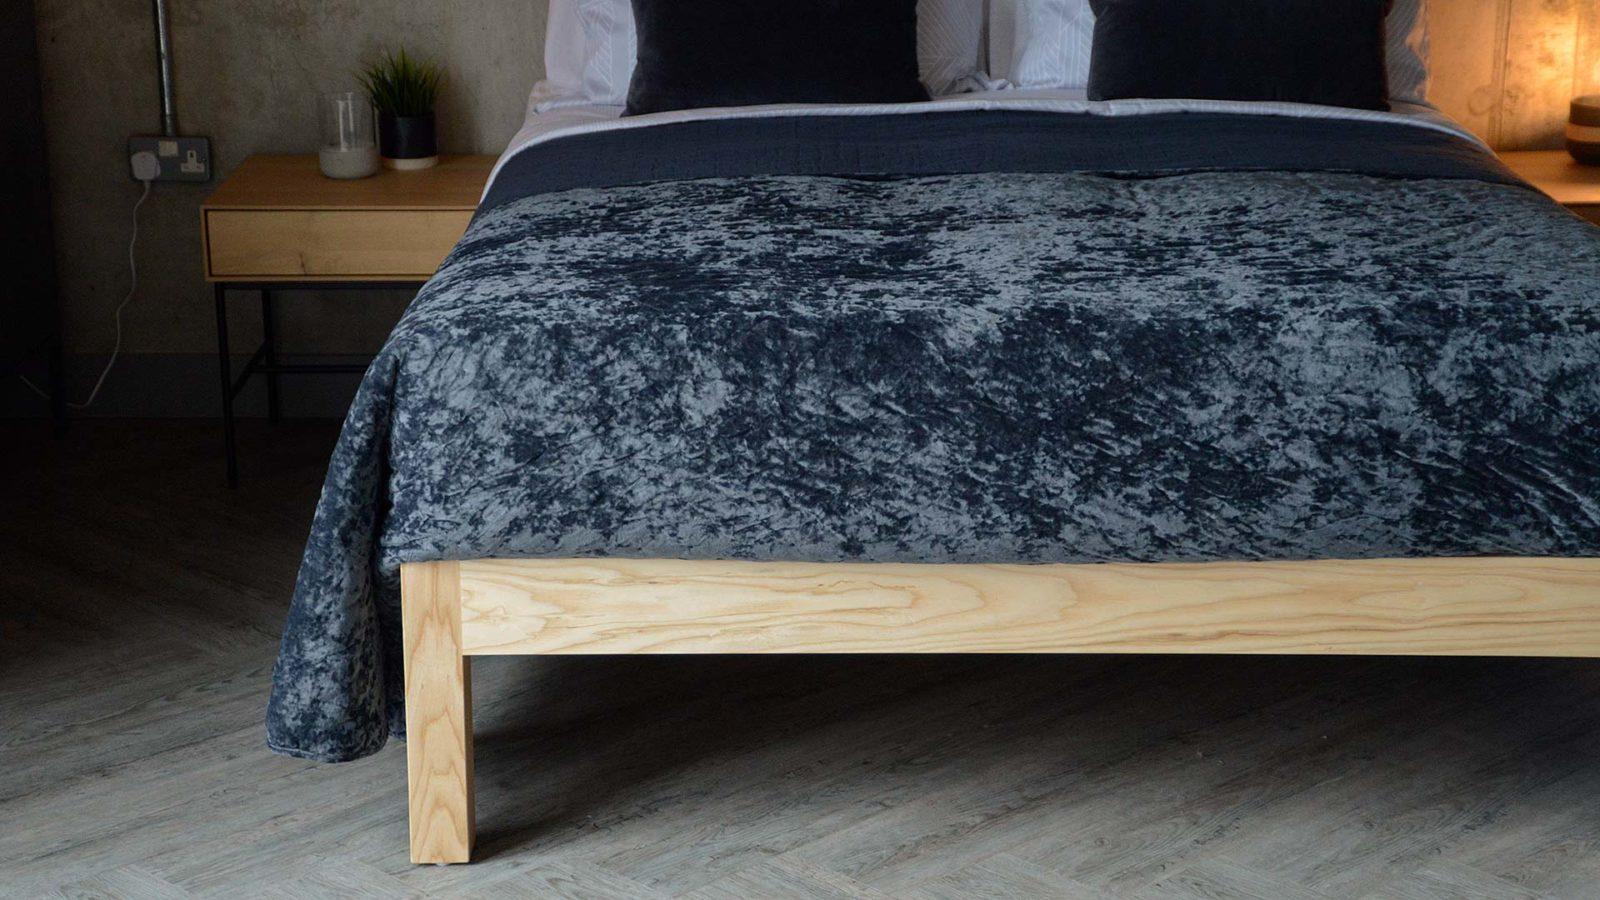 sumptuous bedspread